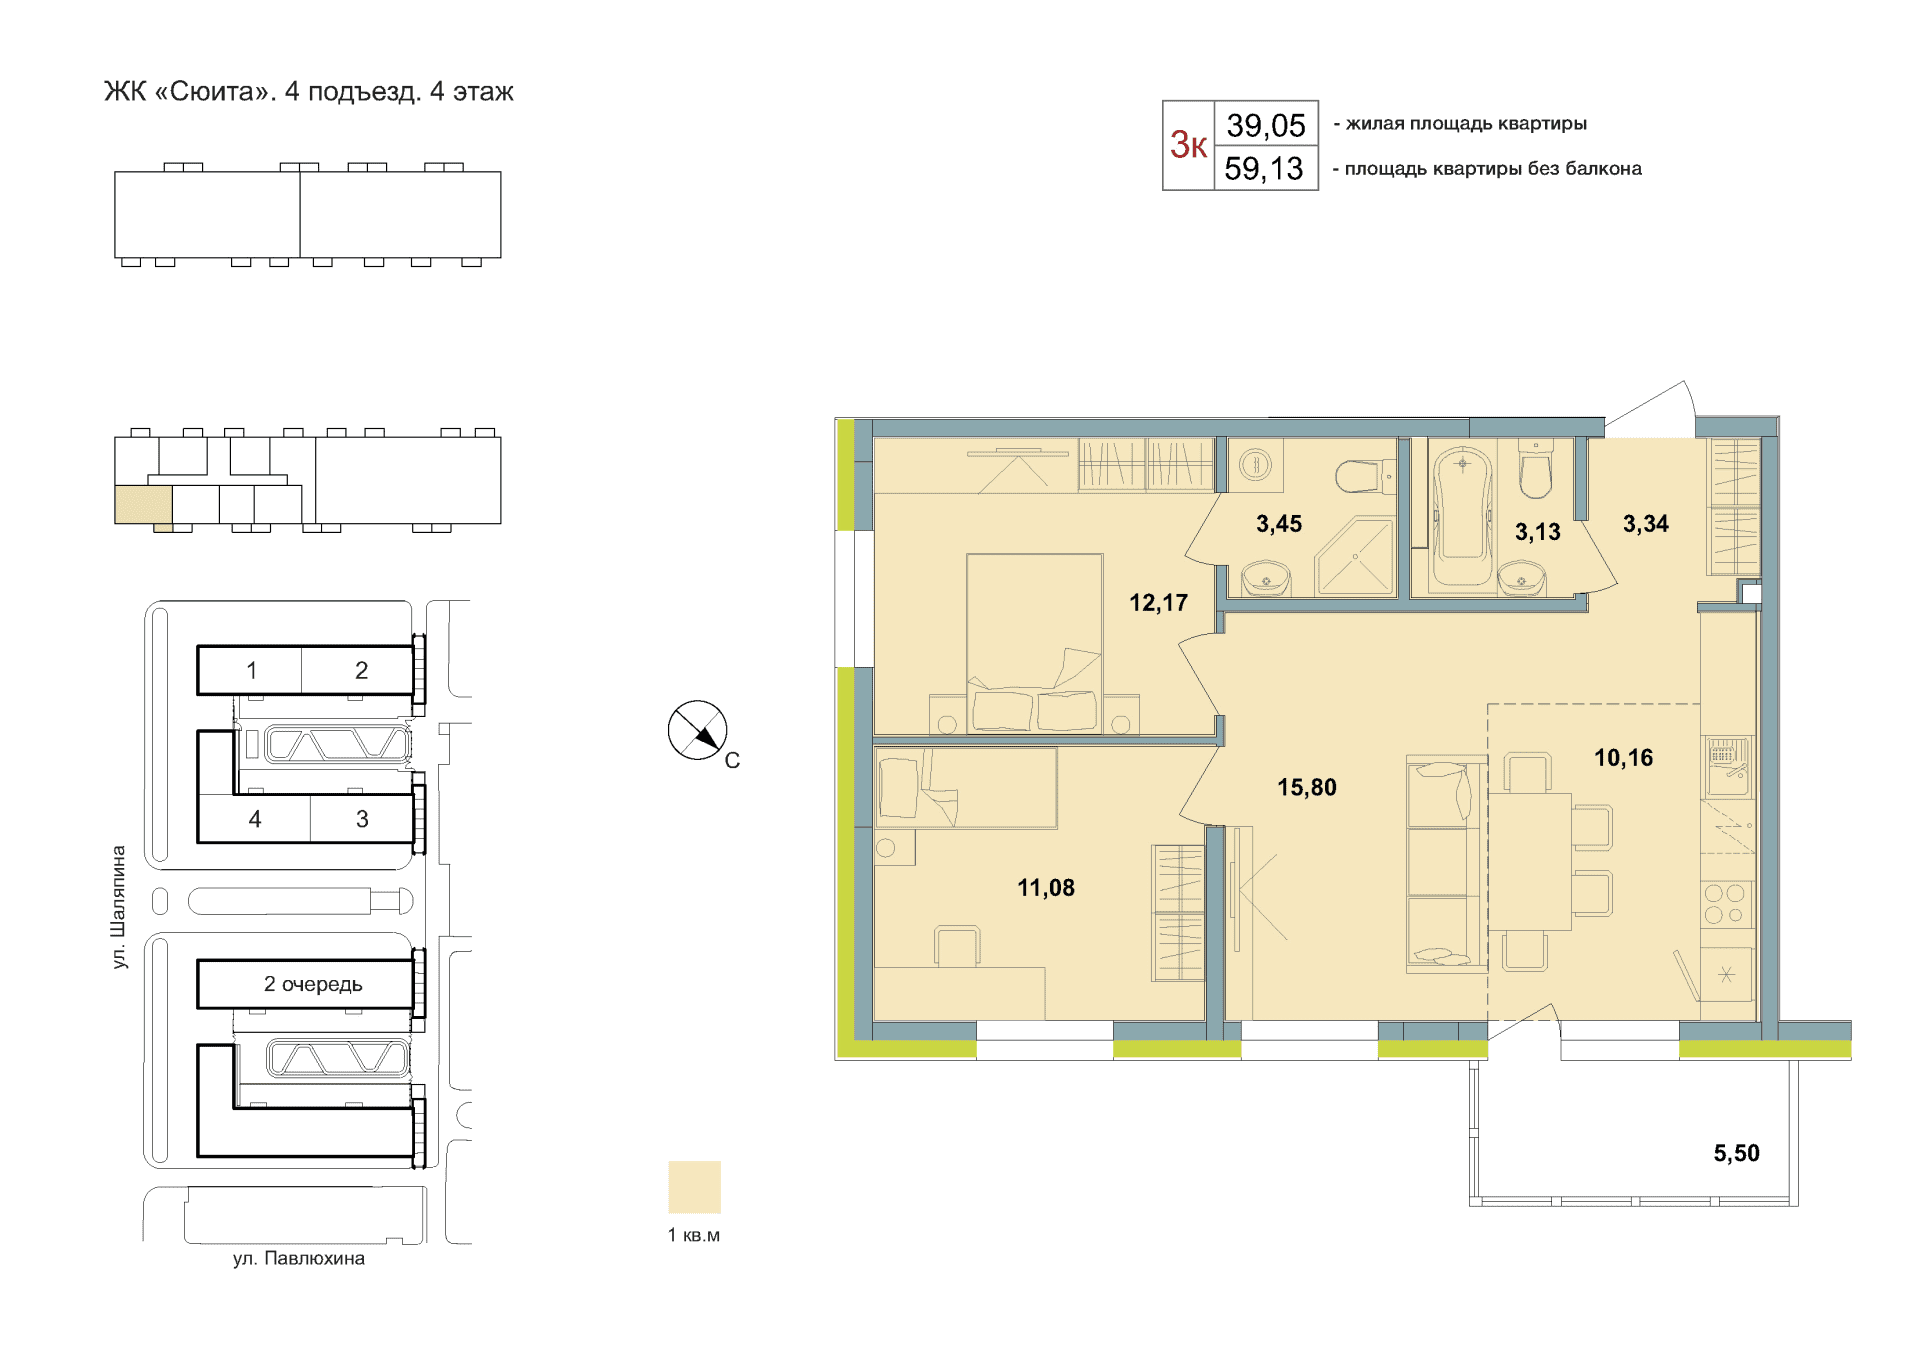 Квартира №167